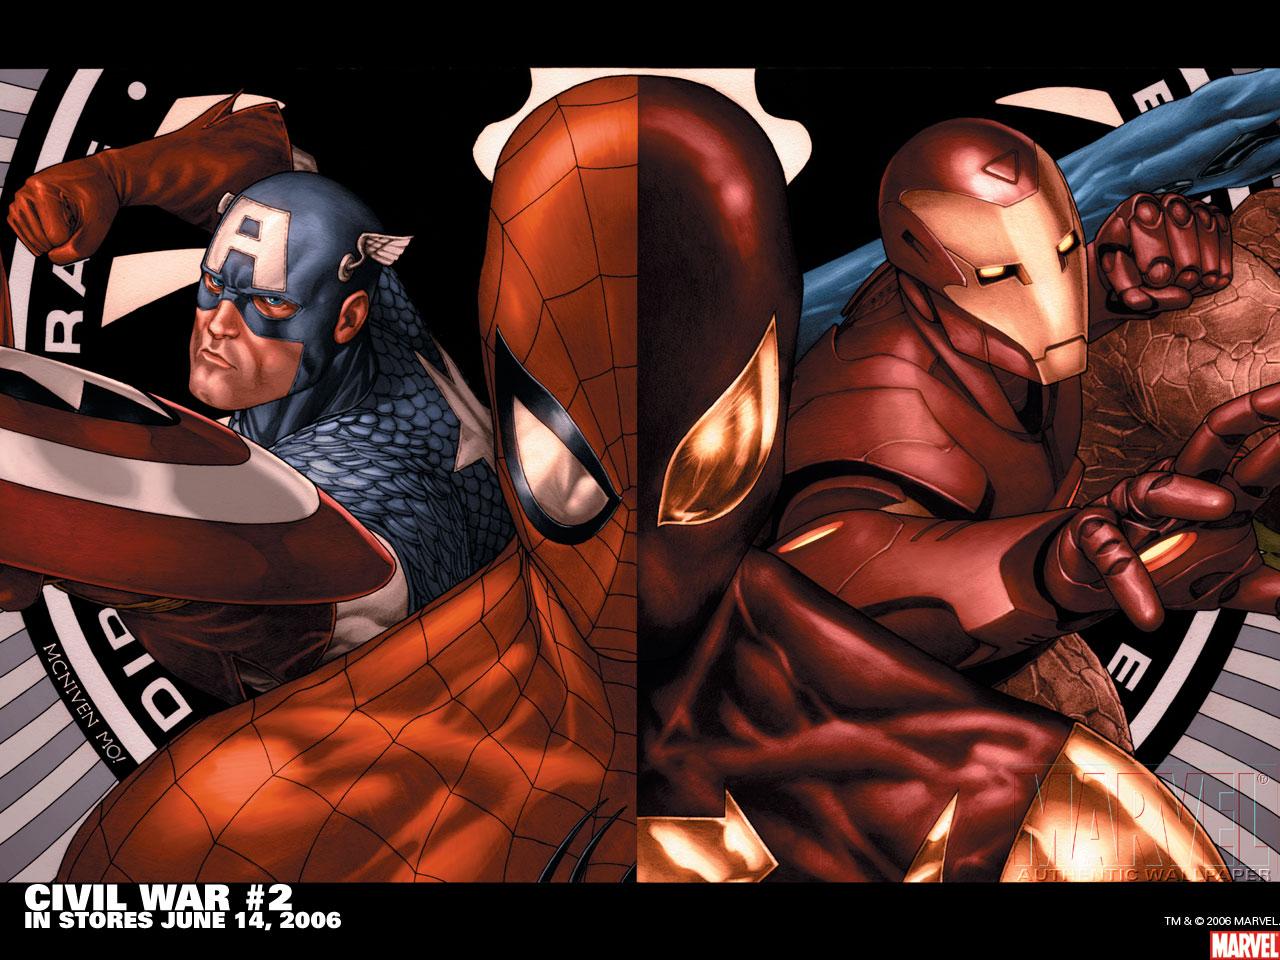 http://4.bp.blogspot.com/_ssIKo6lWoZY/TO2LaJfgJlI/AAAAAAAABp0/jqBDrDYI0M4/s1600/Spiderman-CivilWar-Wallpaper2.jpg